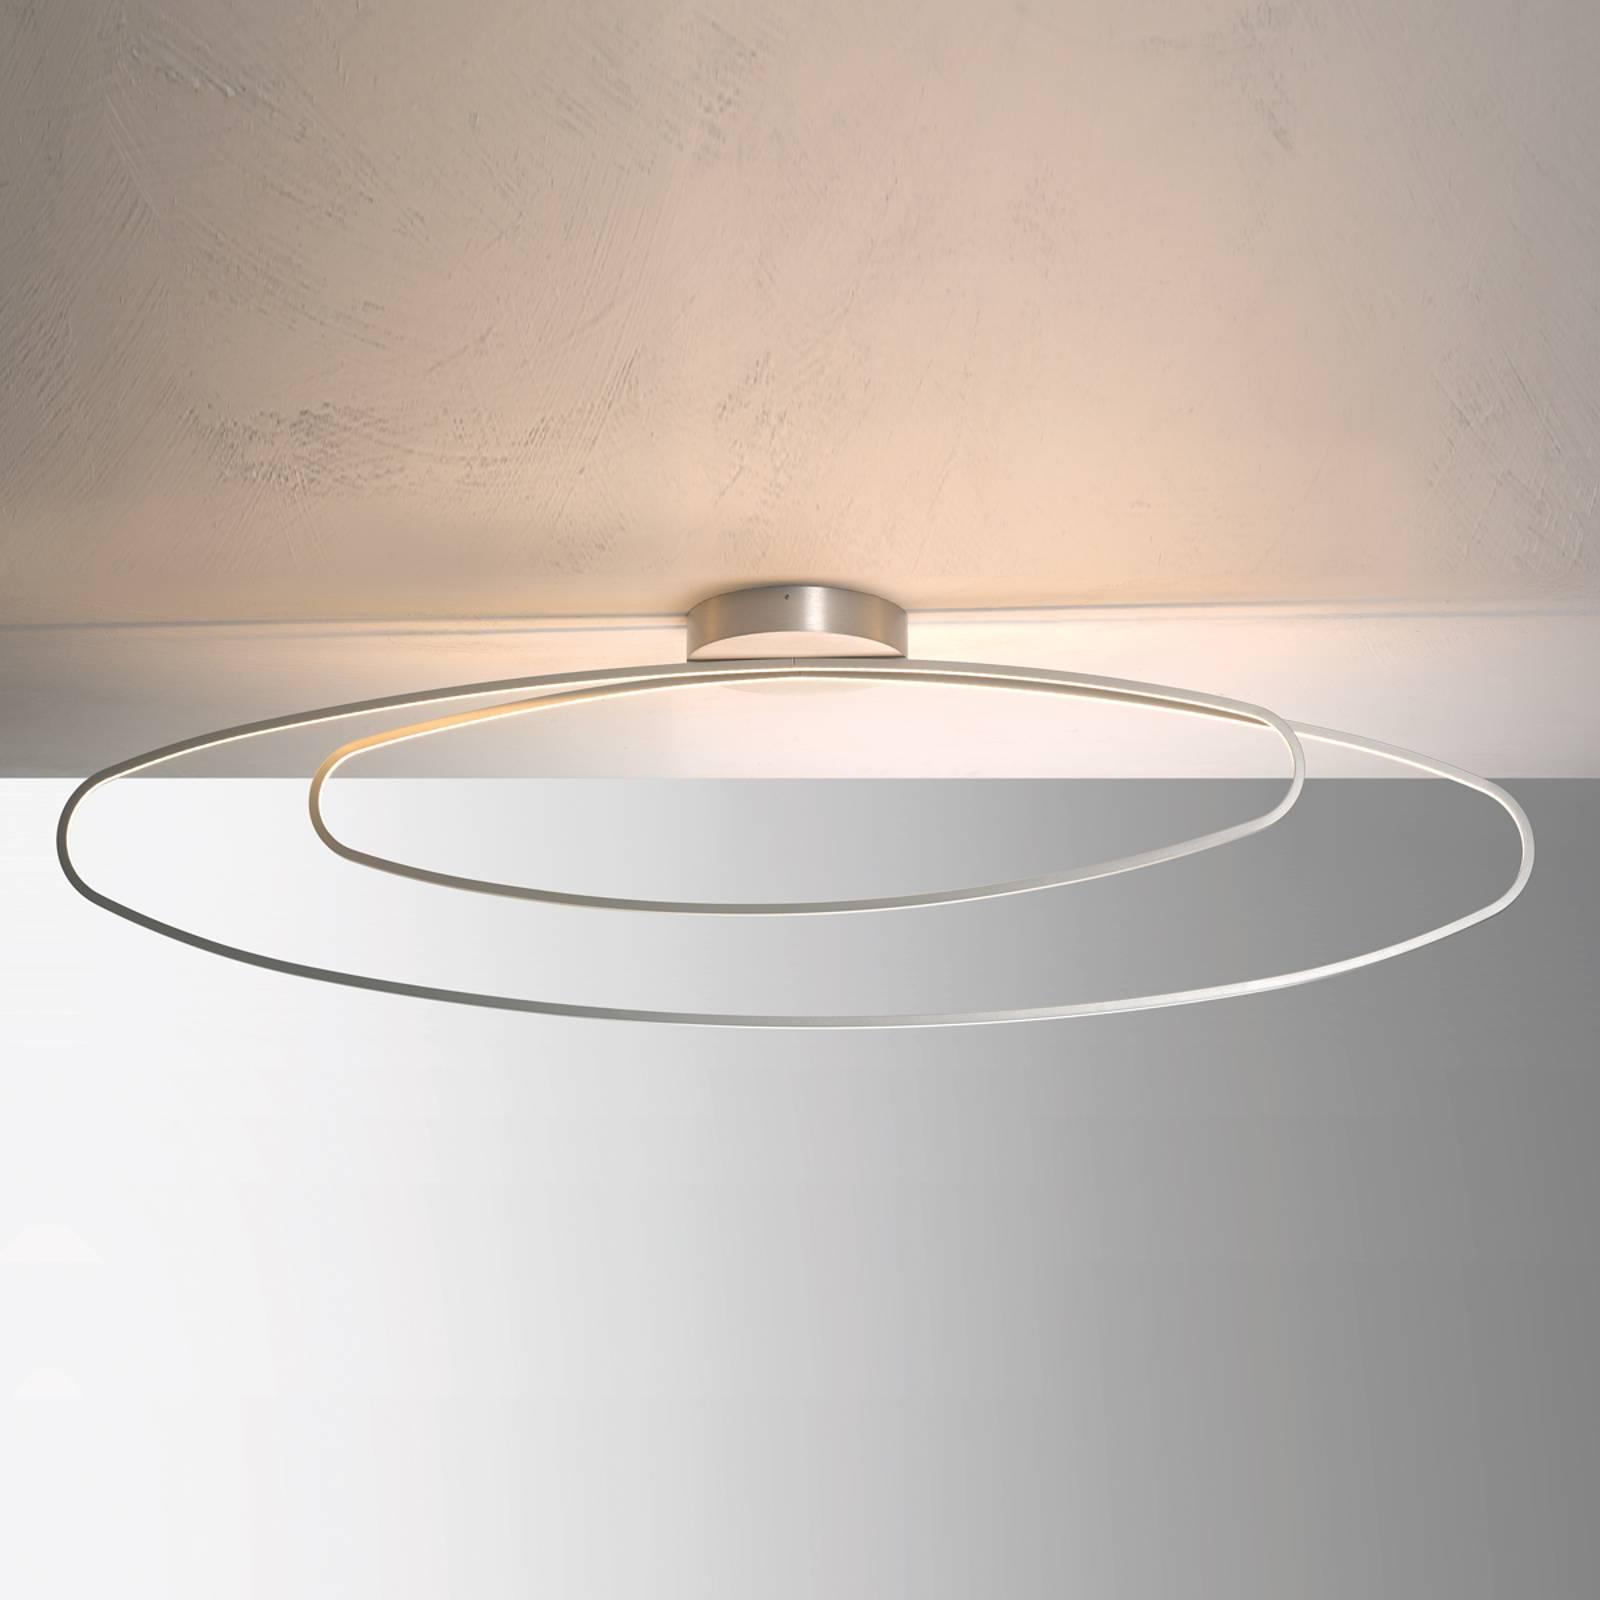 Draadwerk LED plafondlamp Flair, aluminium